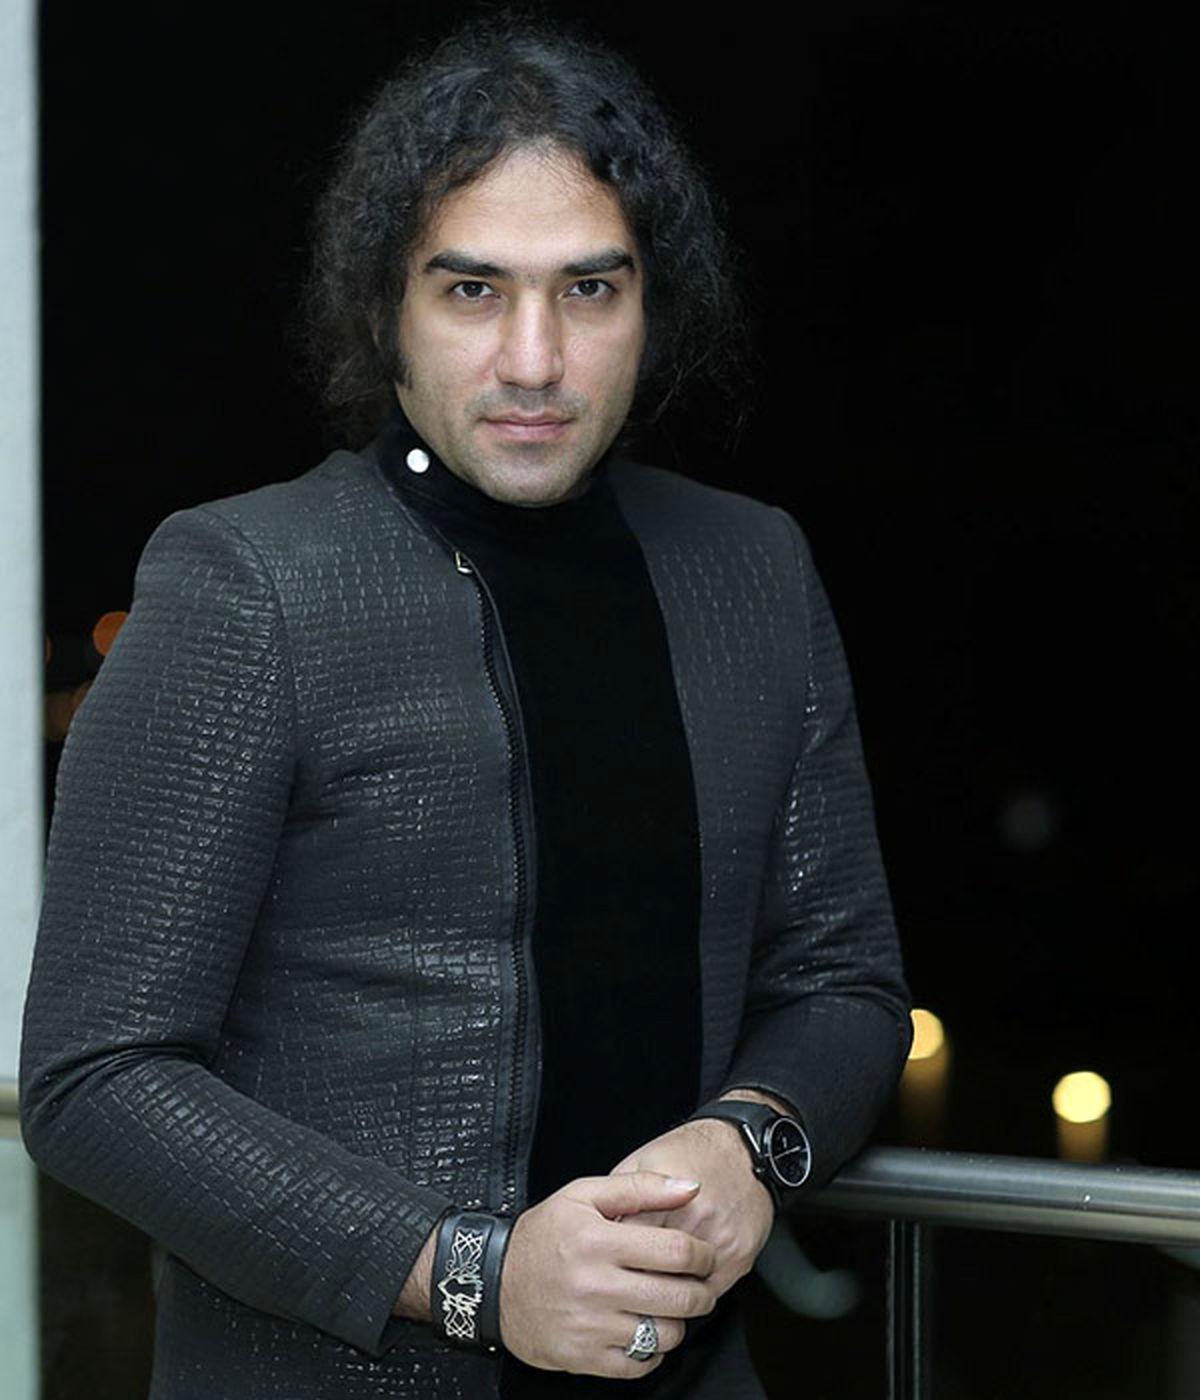 استایل رضا یزدانی با موهای بلوند و کوتاه جنجالی شد+عکس